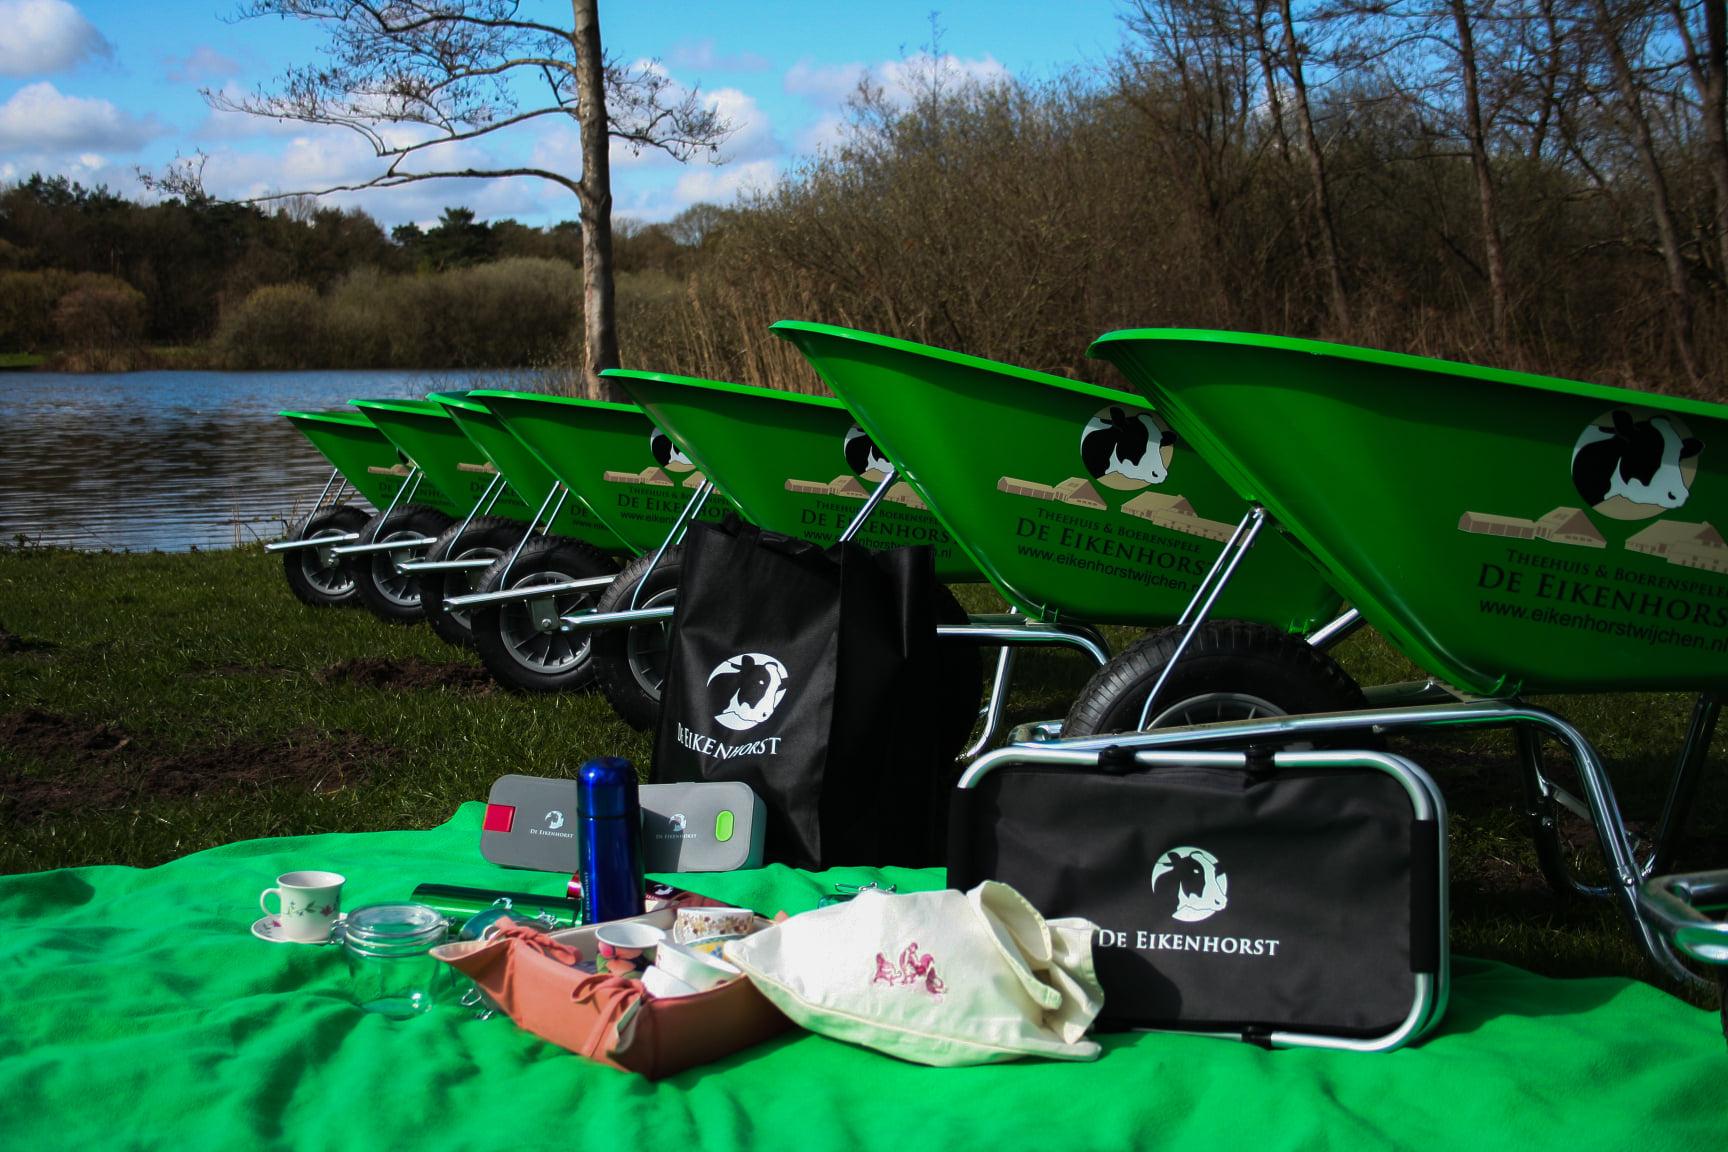 Picknicken bij de Eikenhorst - Wijchen=